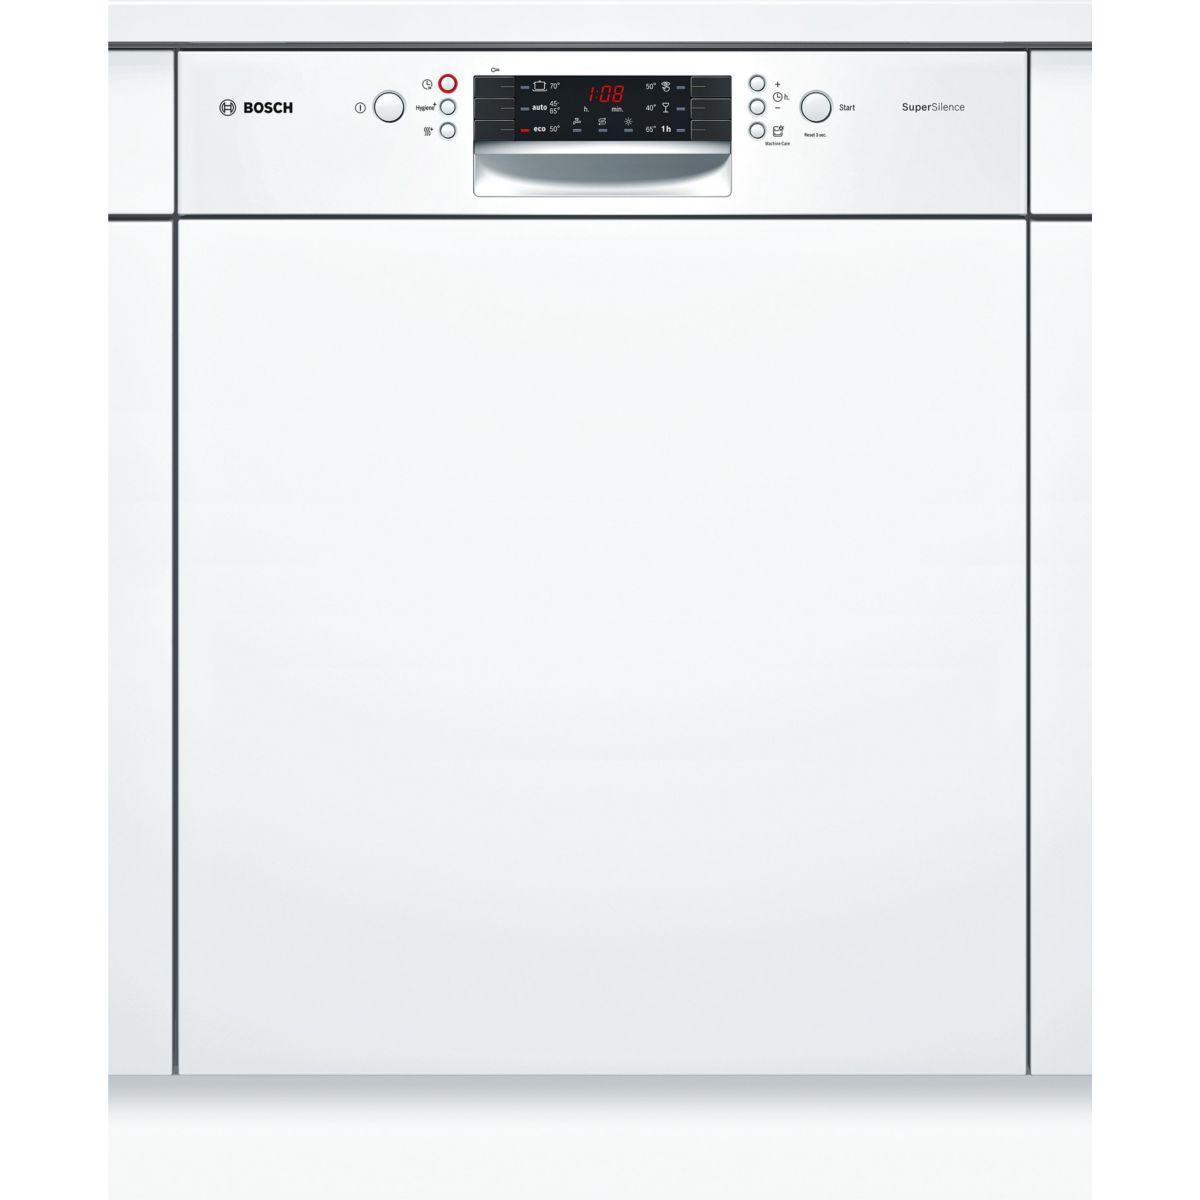 Lave vaisselle encastrable bosch smi46aw04e - livraison offert...